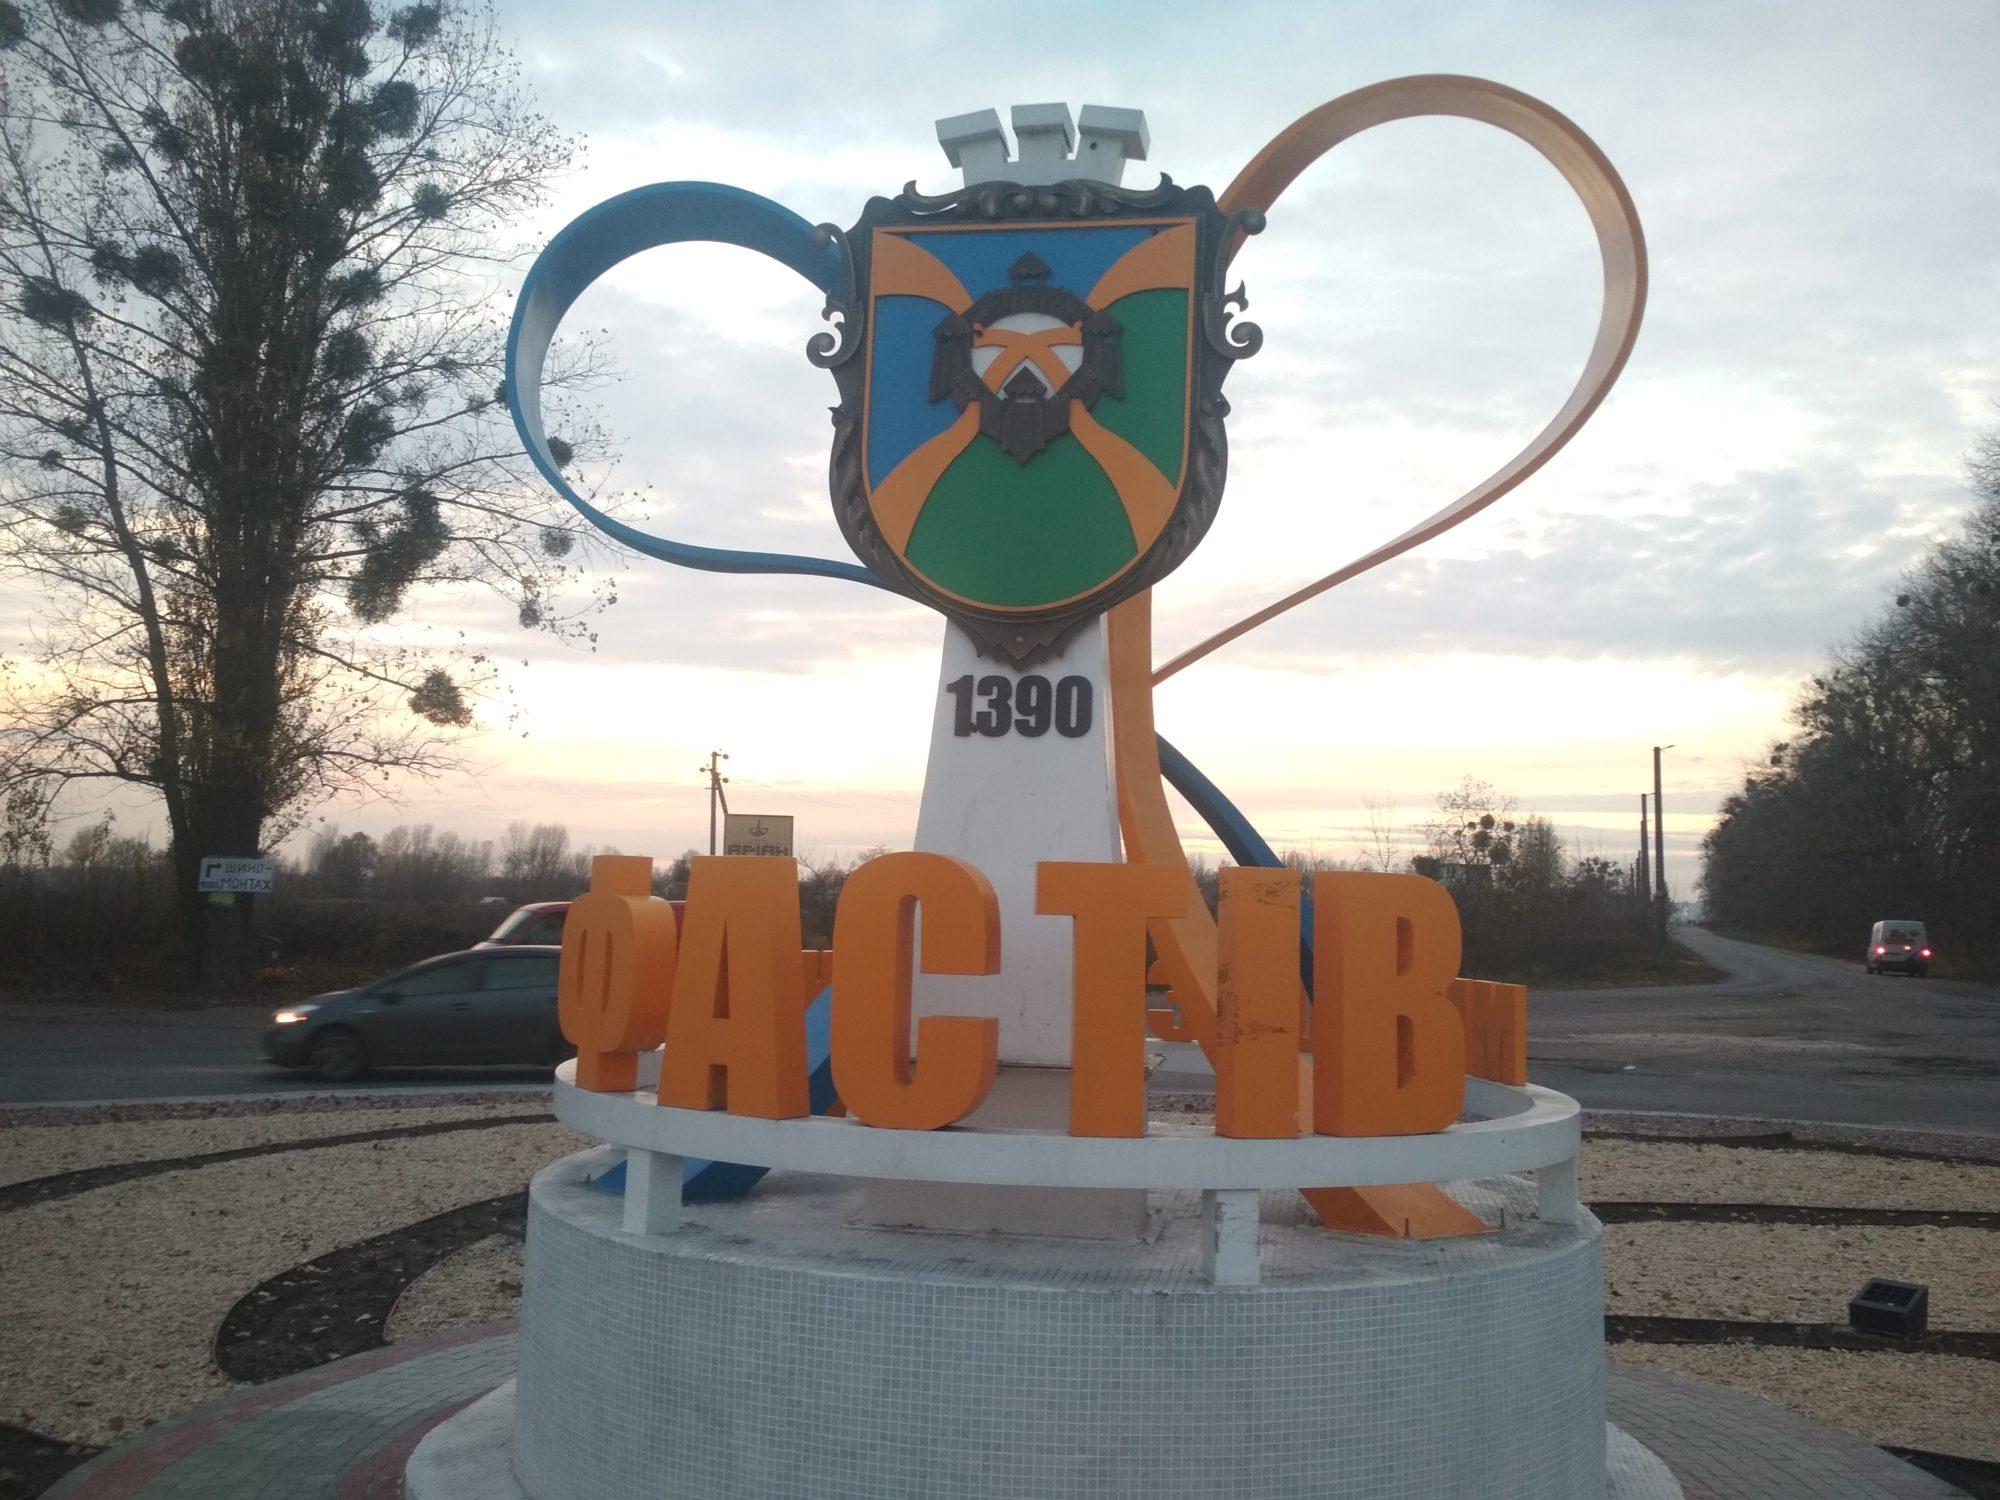 У Фастові оновили в'їзний знак до міста - Фастів - IMG 20191106 161753 1 2000x1500